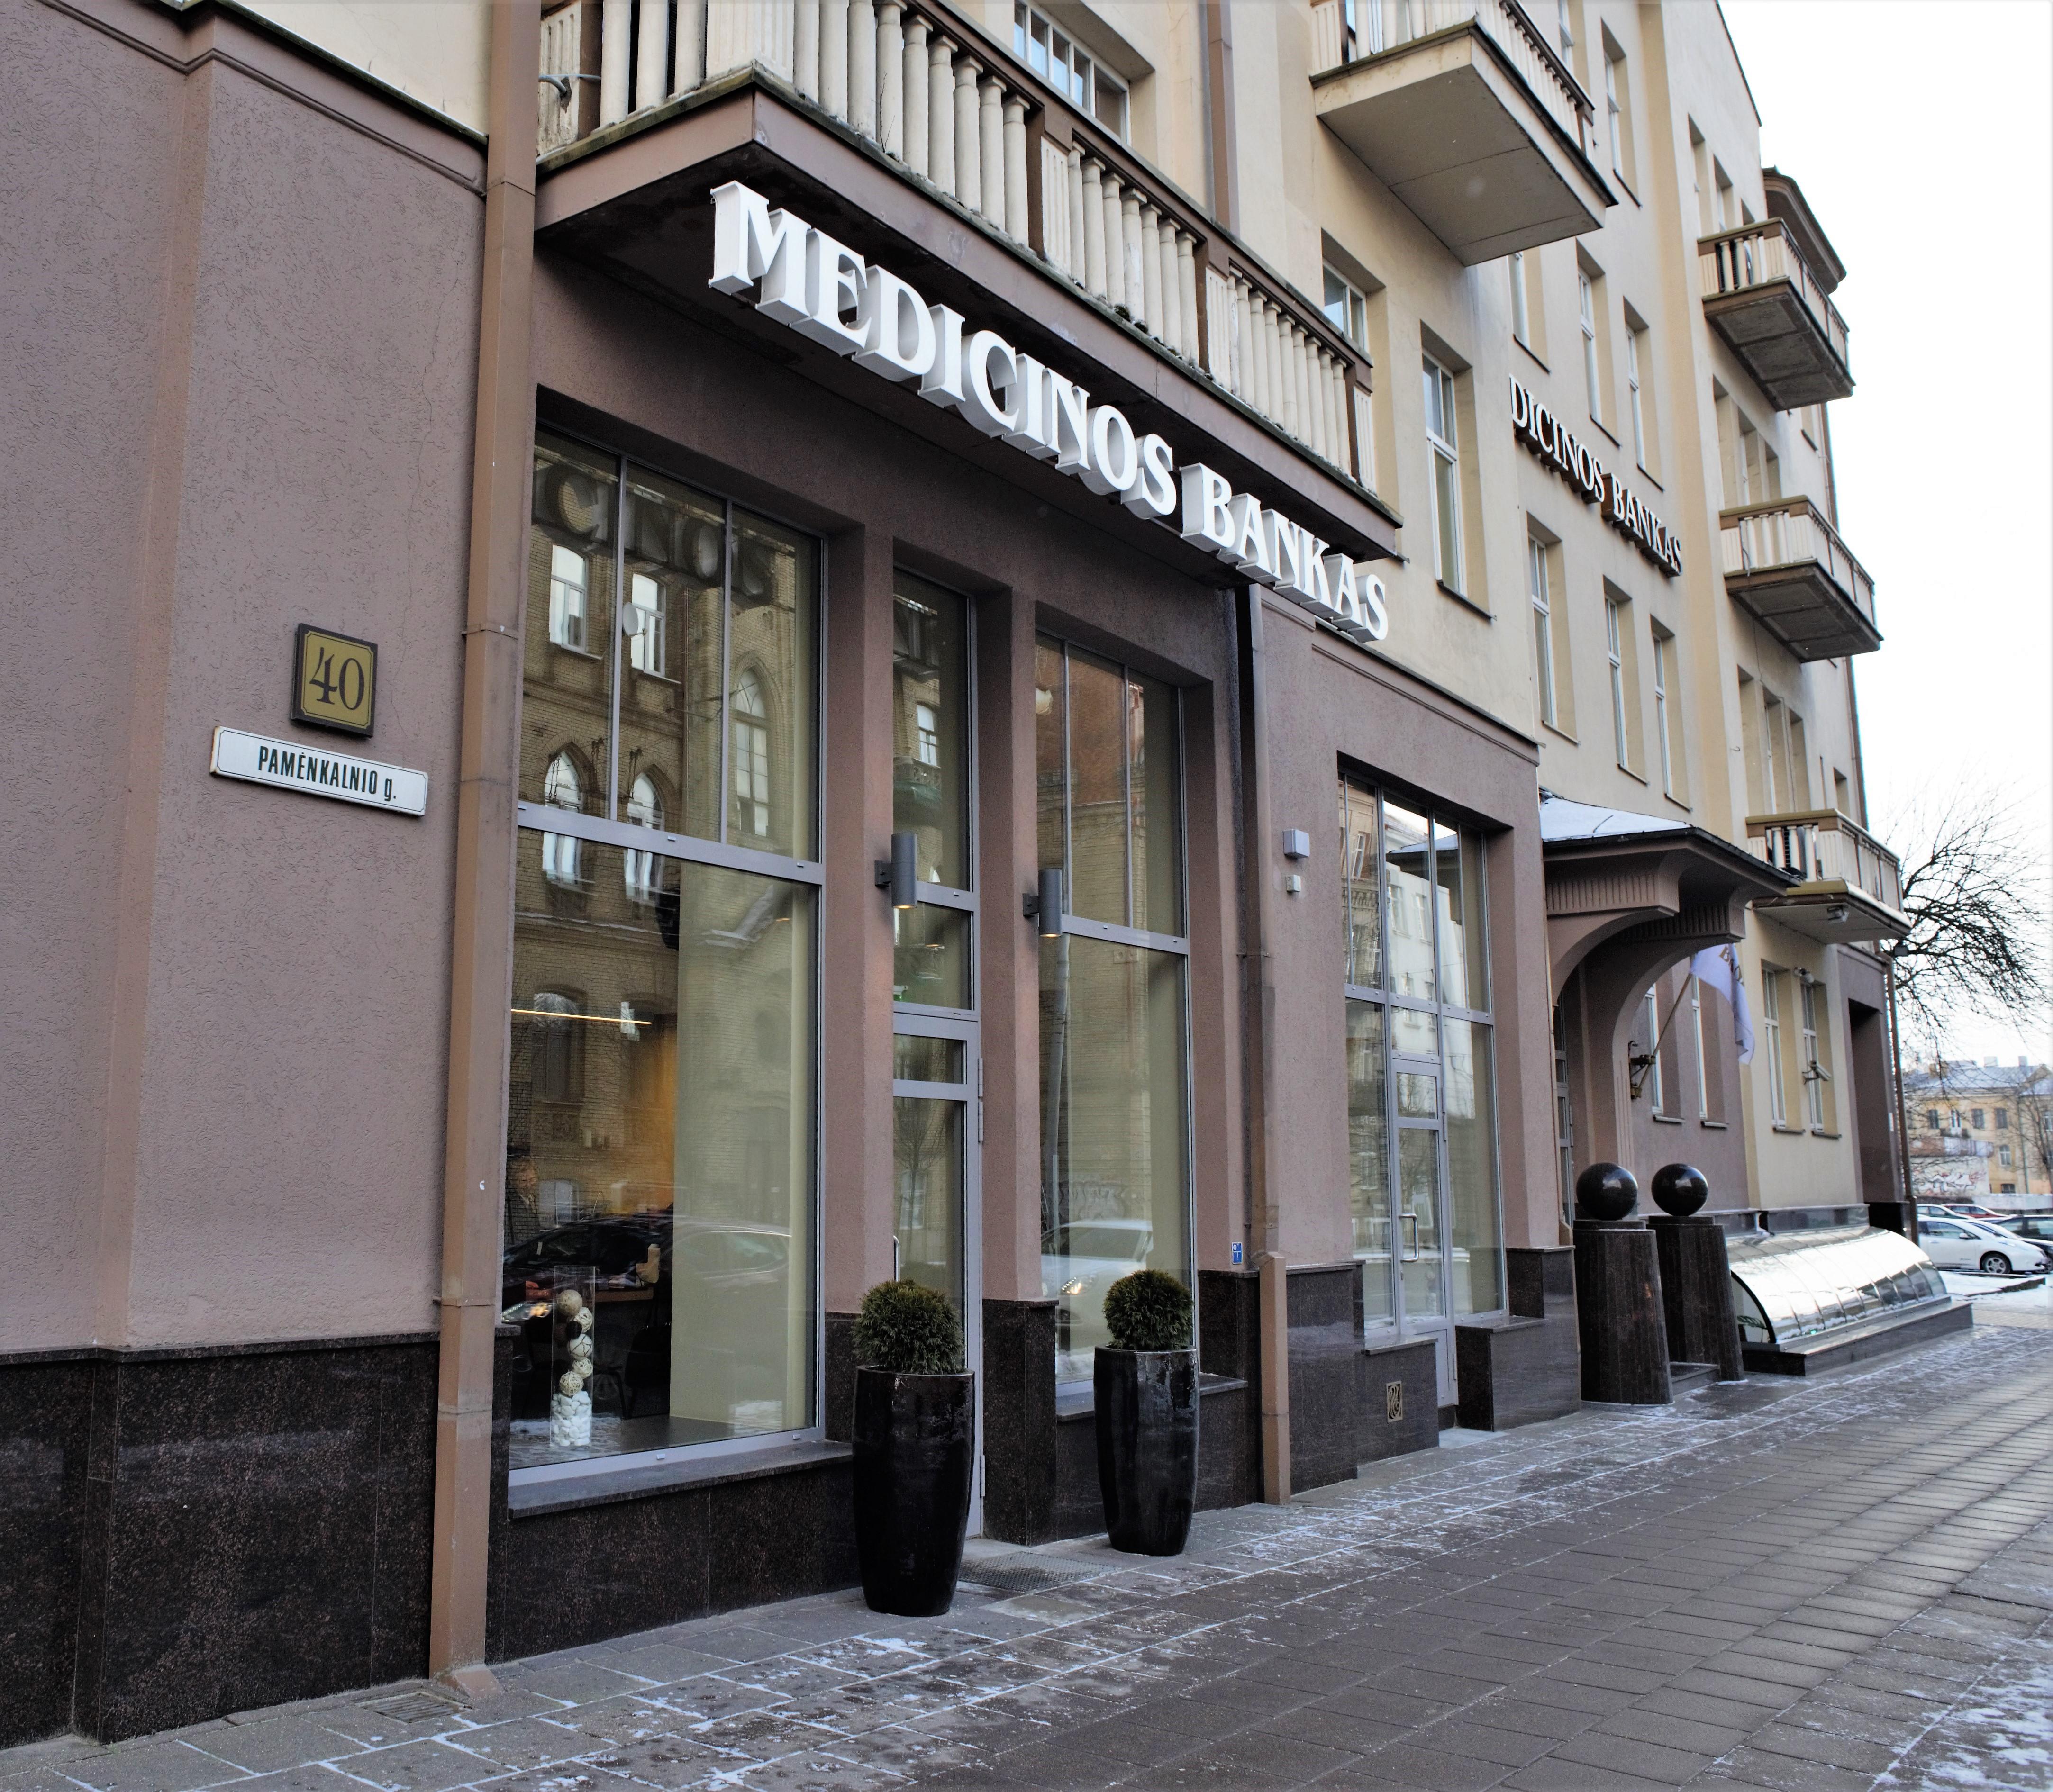 Medicinos bankas keičia nusistovėjusias paskolų suteikimo tradicijas verslui